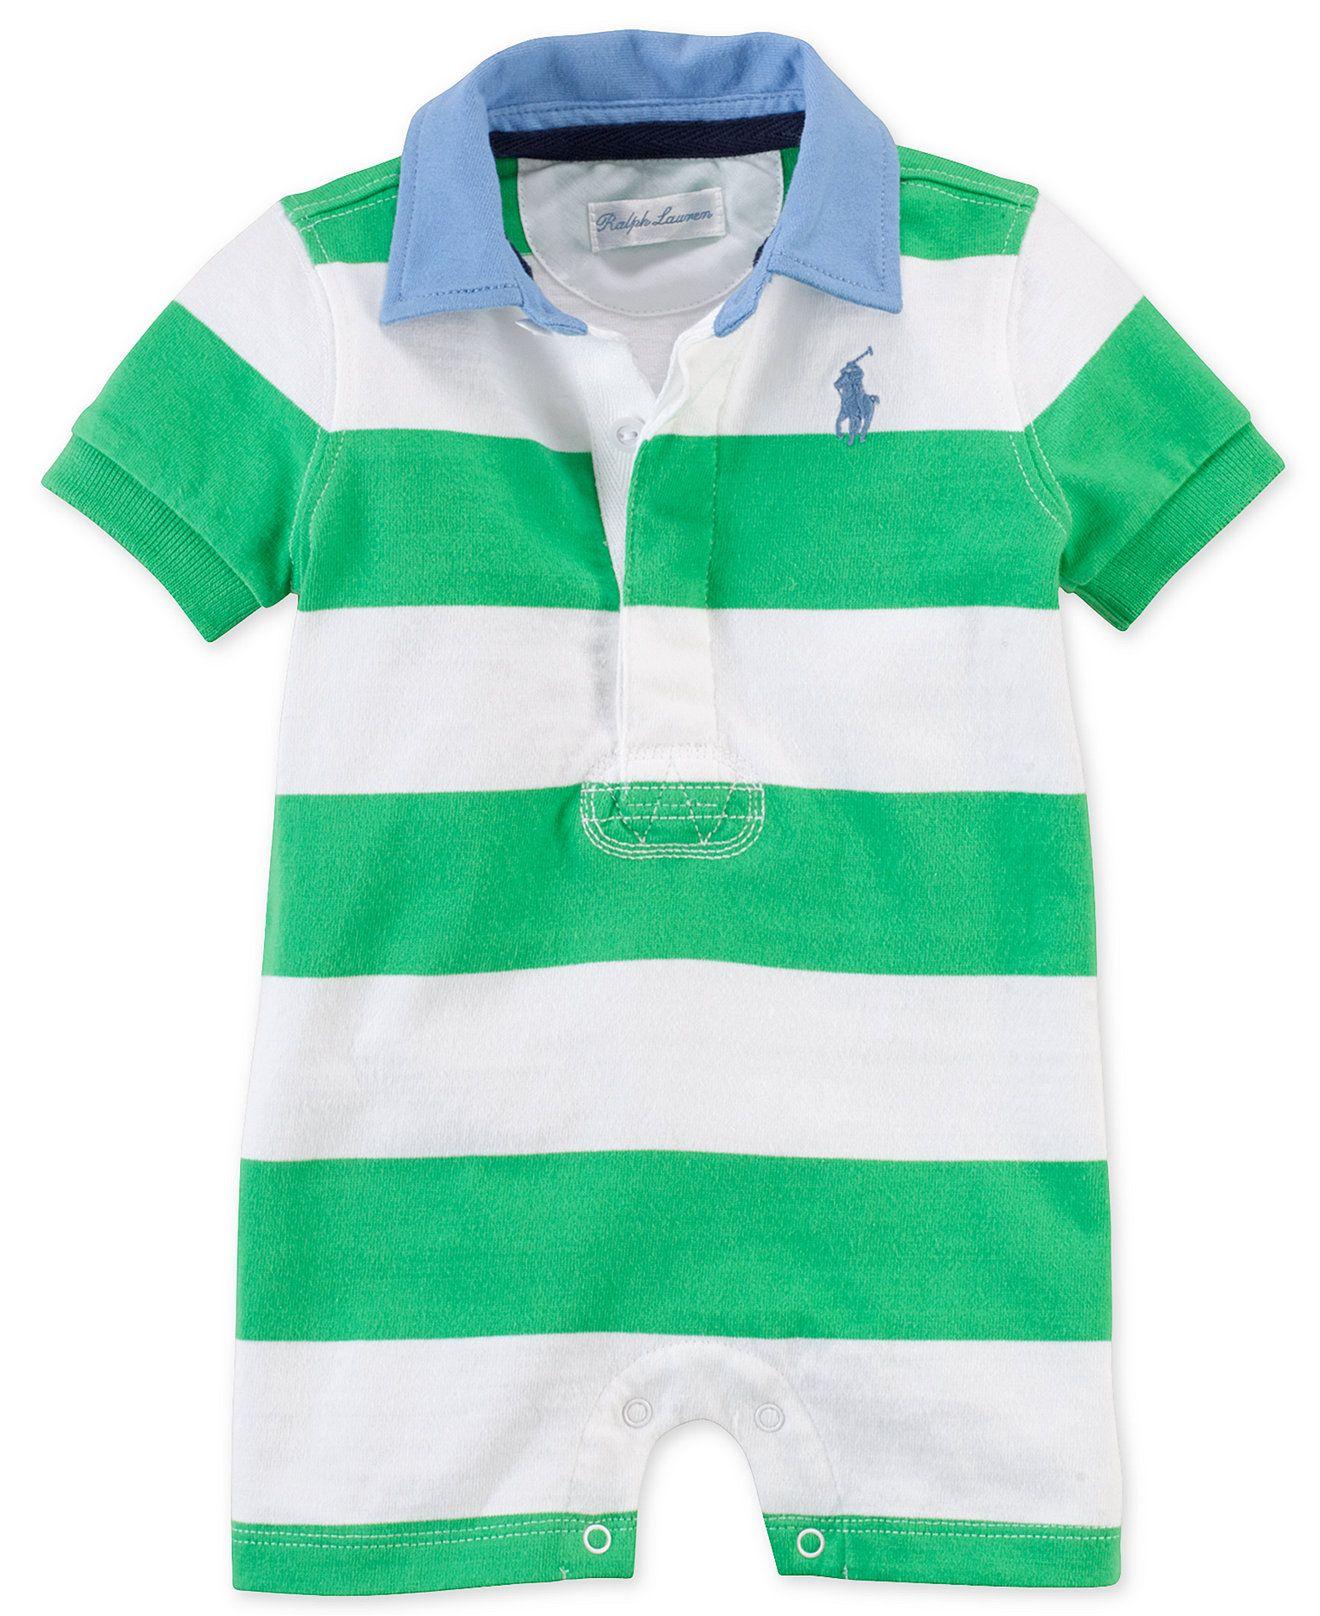 4b84288d2 Ralph Lauren Baby Boys  Rugby Shortalls - Kids Baby Boy (0-24 months) -  Macy s